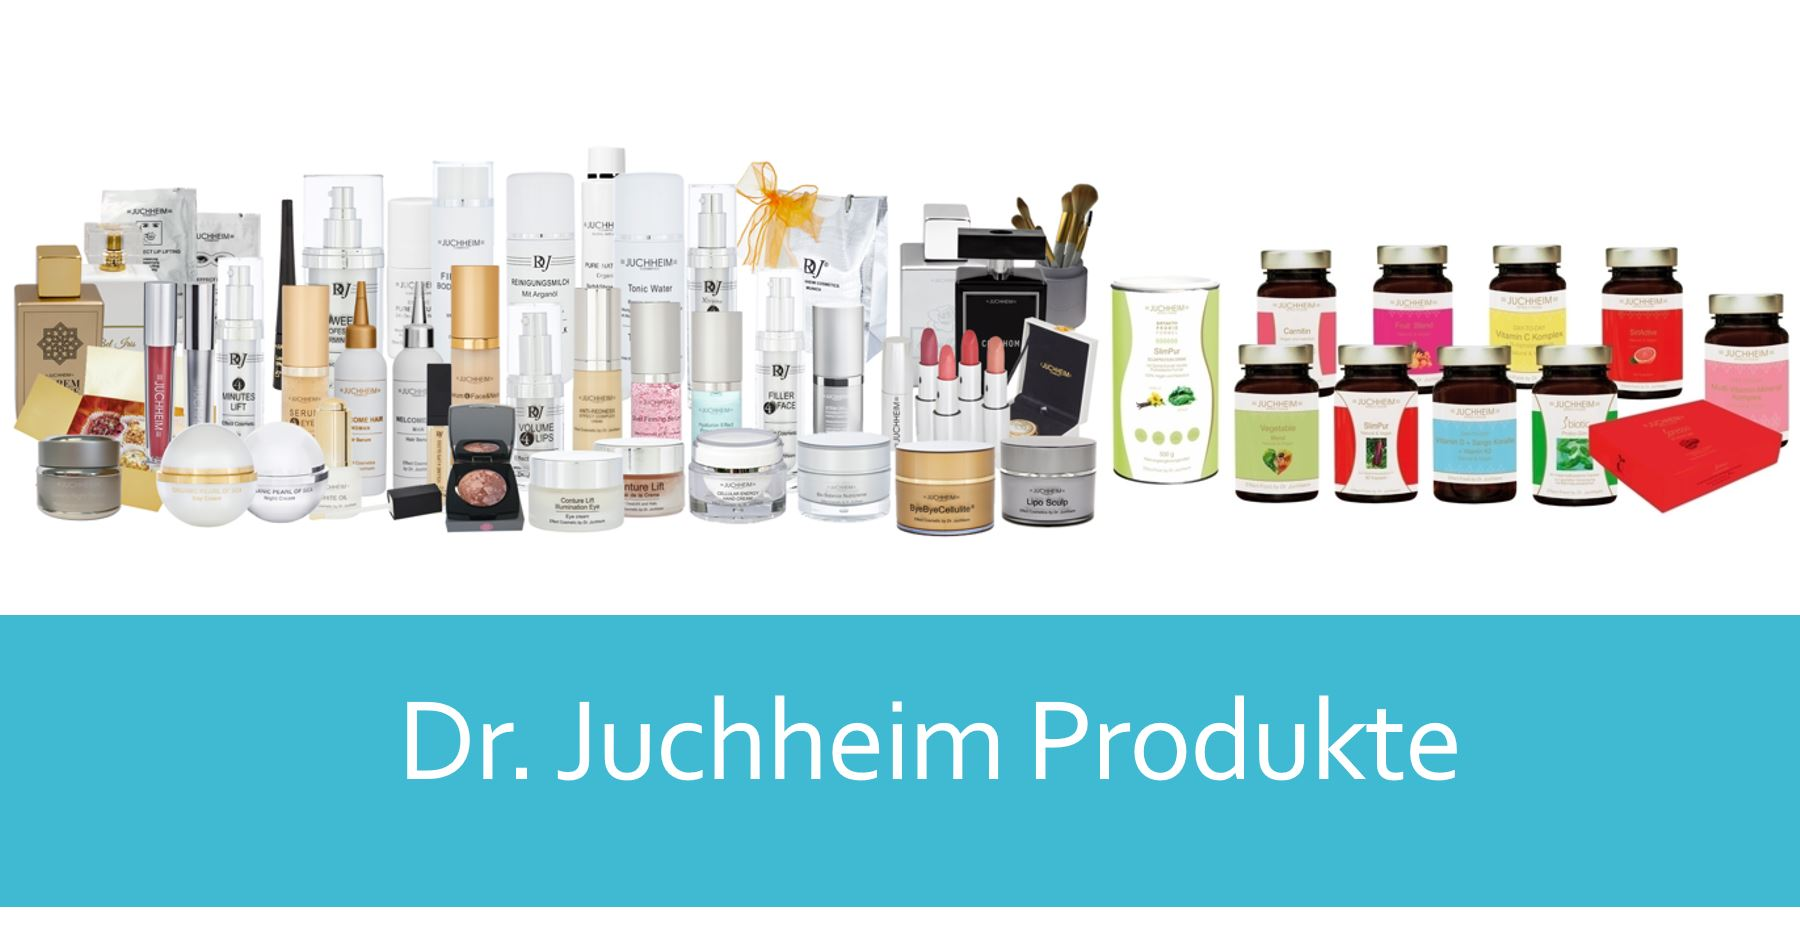 00_DrJuchheim-Produkte-01.jpg